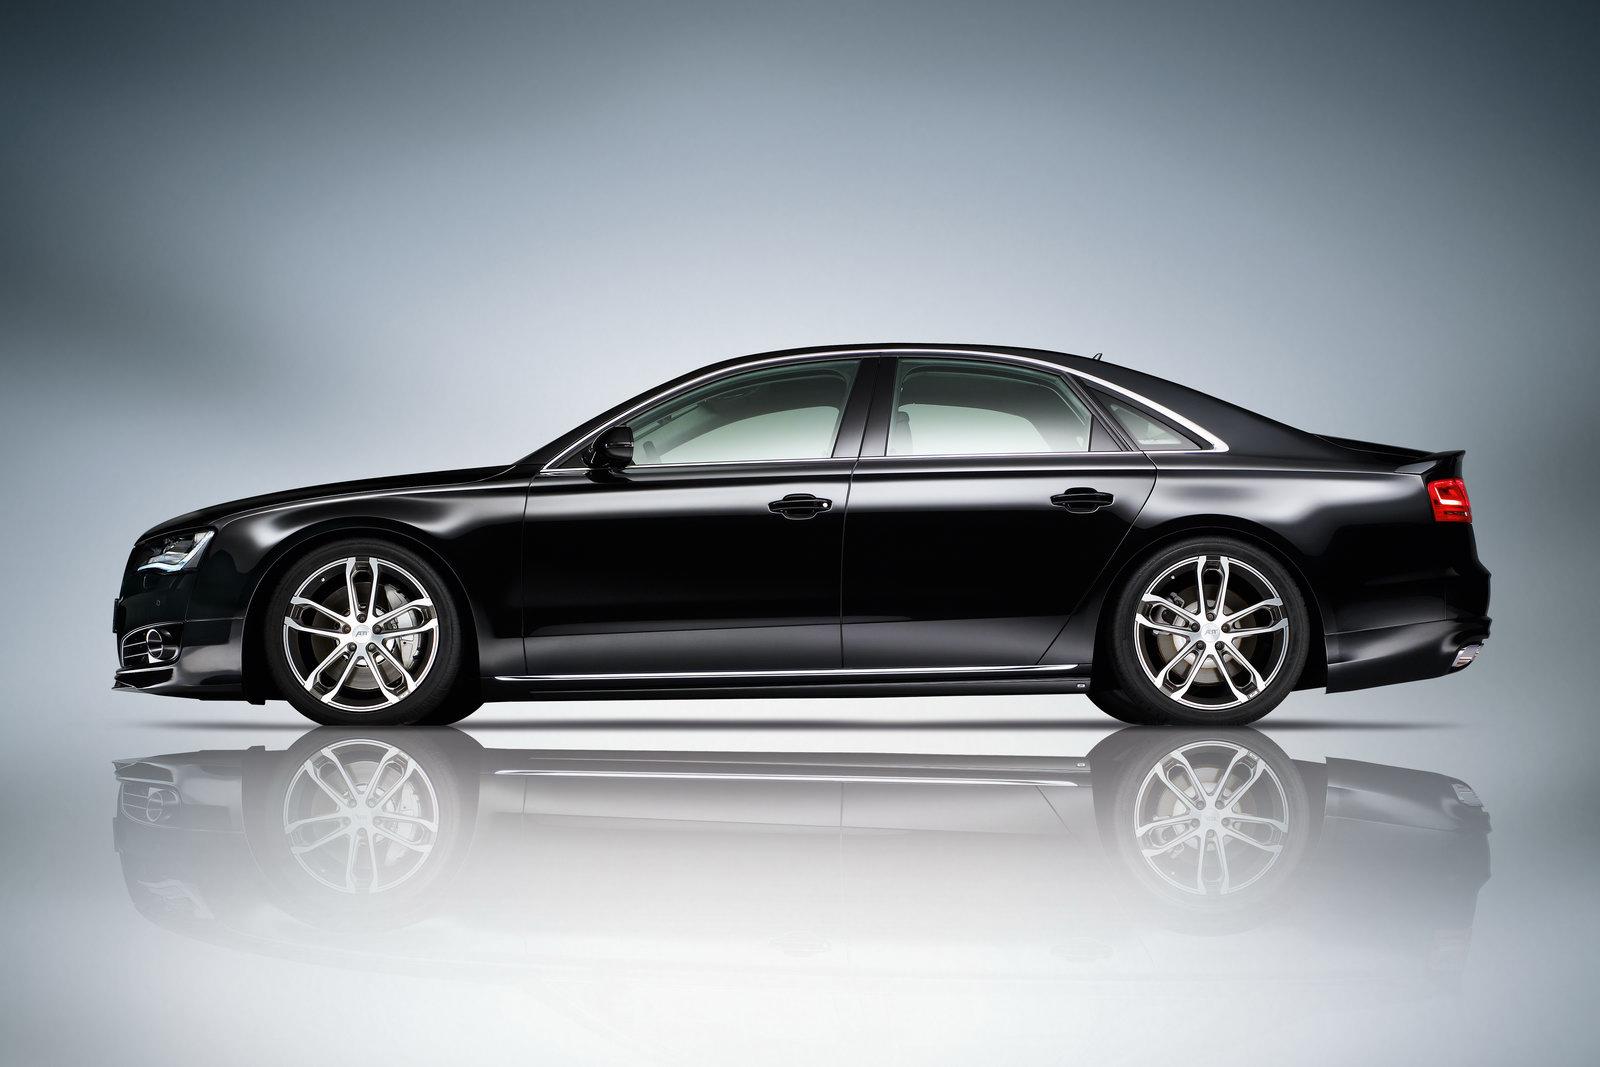 http://1.bp.blogspot.com/_FoXyvaPSnVk/TCOQx3wgi9I/AAAAAAAC_q0/s3cbsSGwNKk/s1600/Audi-AS8-ABT-2.jpg